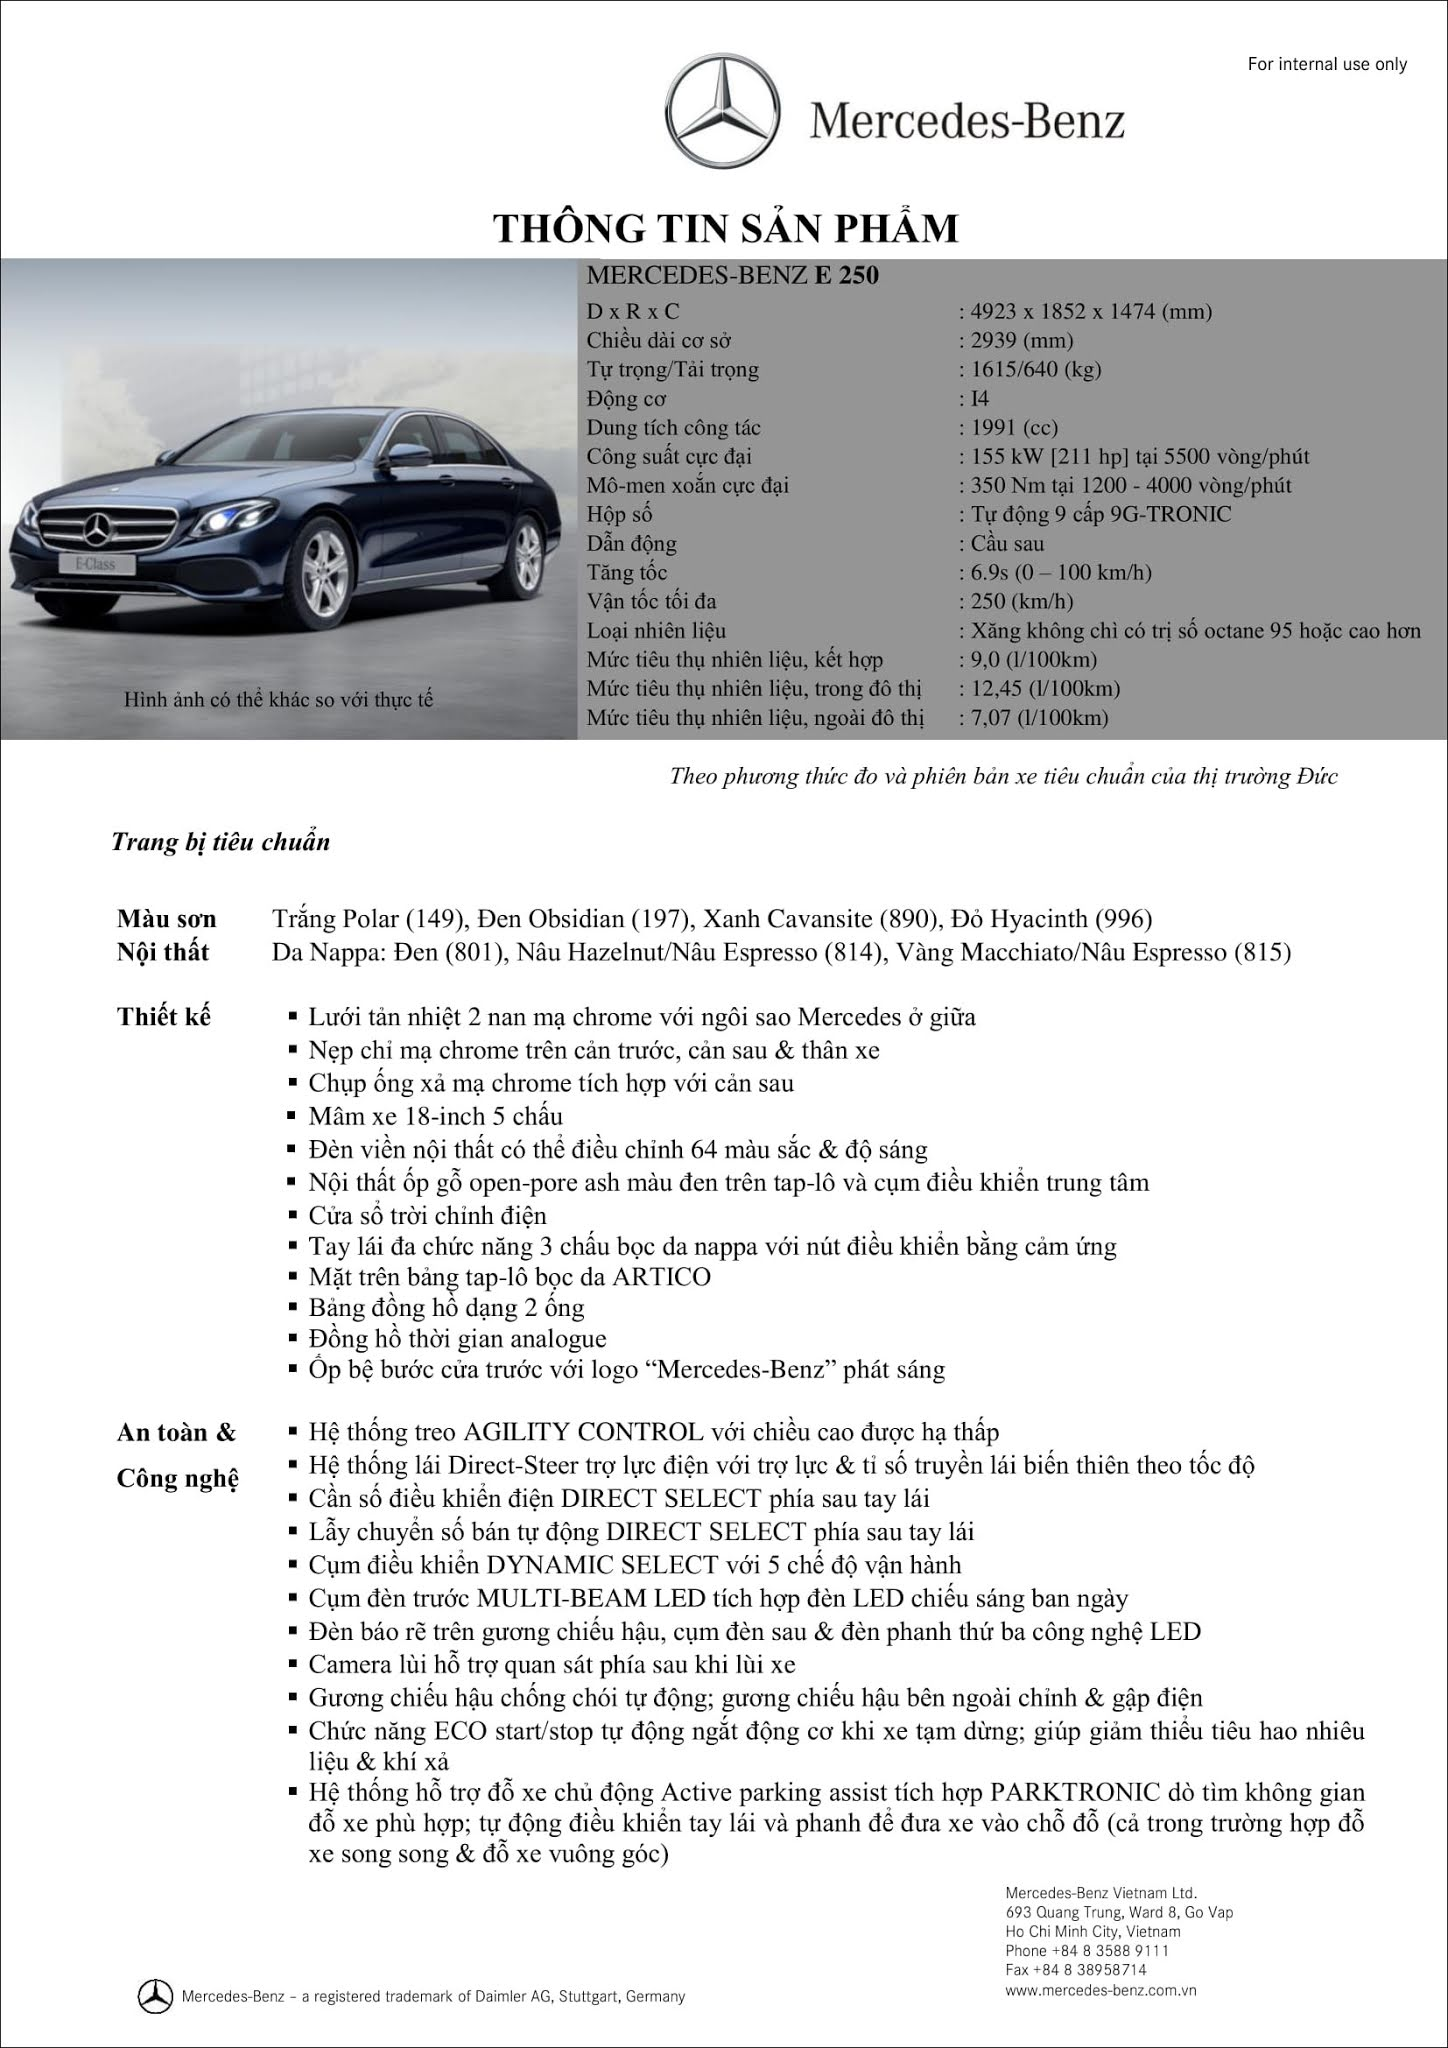 Bảng thông số kỹ thuật Mercedes E250 2019 tại thị trường Việt Nam